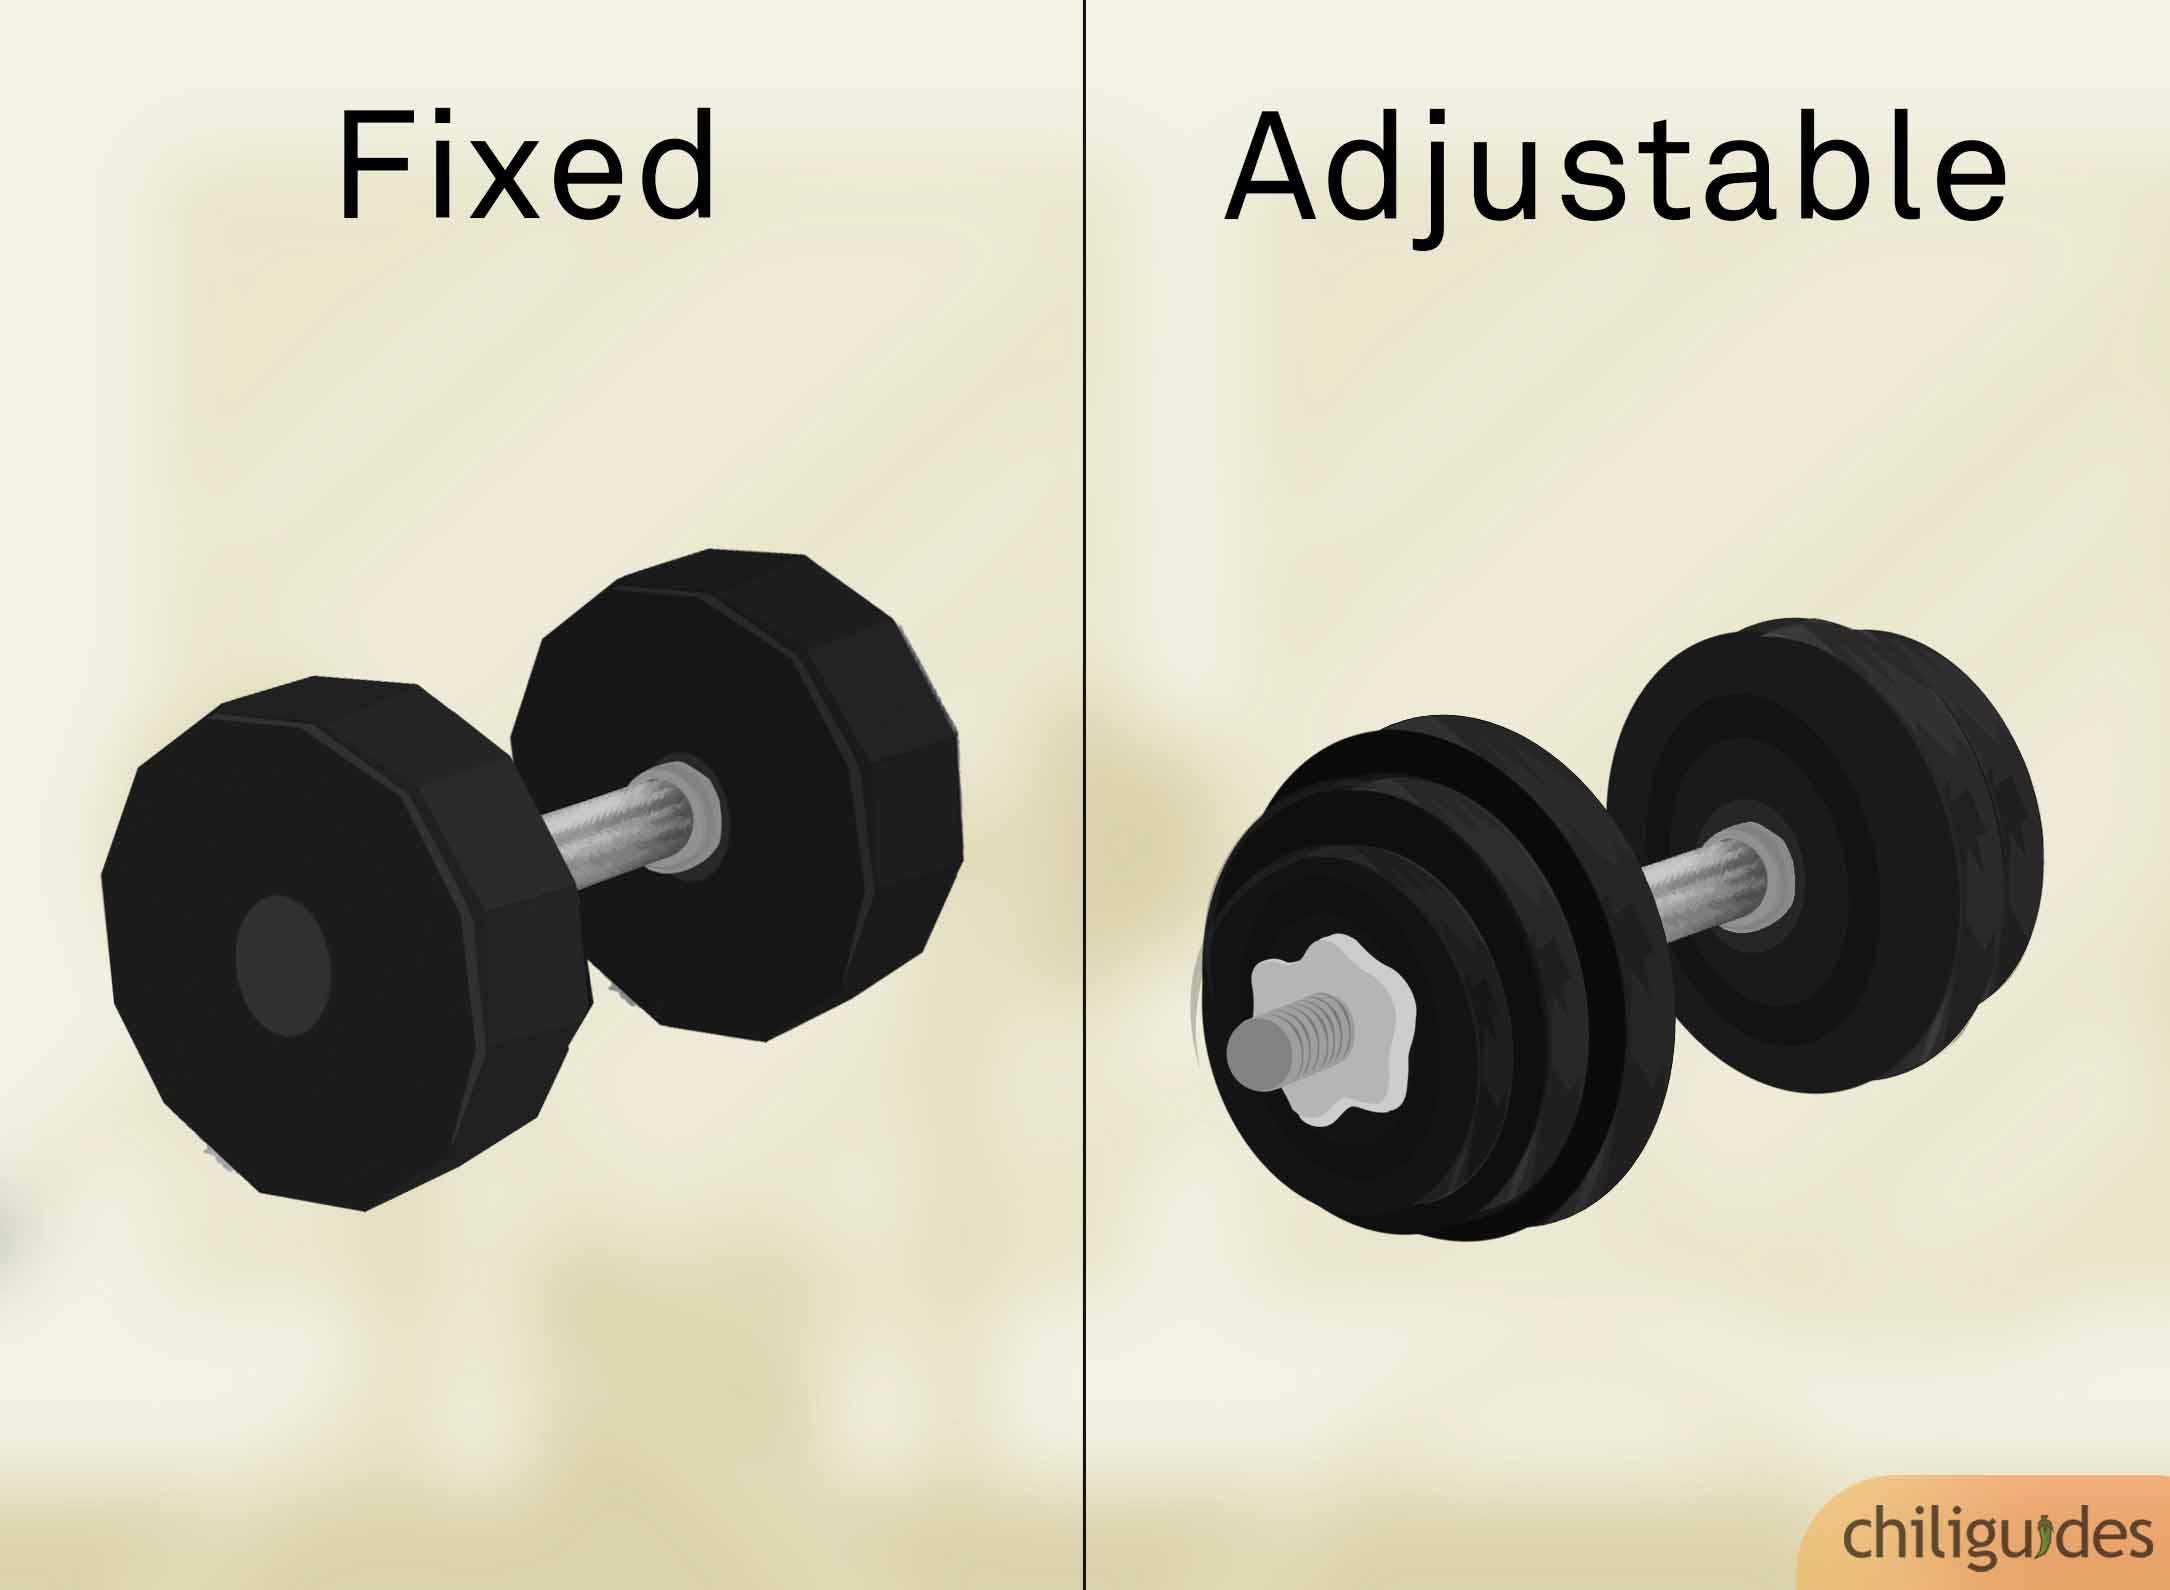 Fixed dumbbells vs. Adjustable dumbbells.